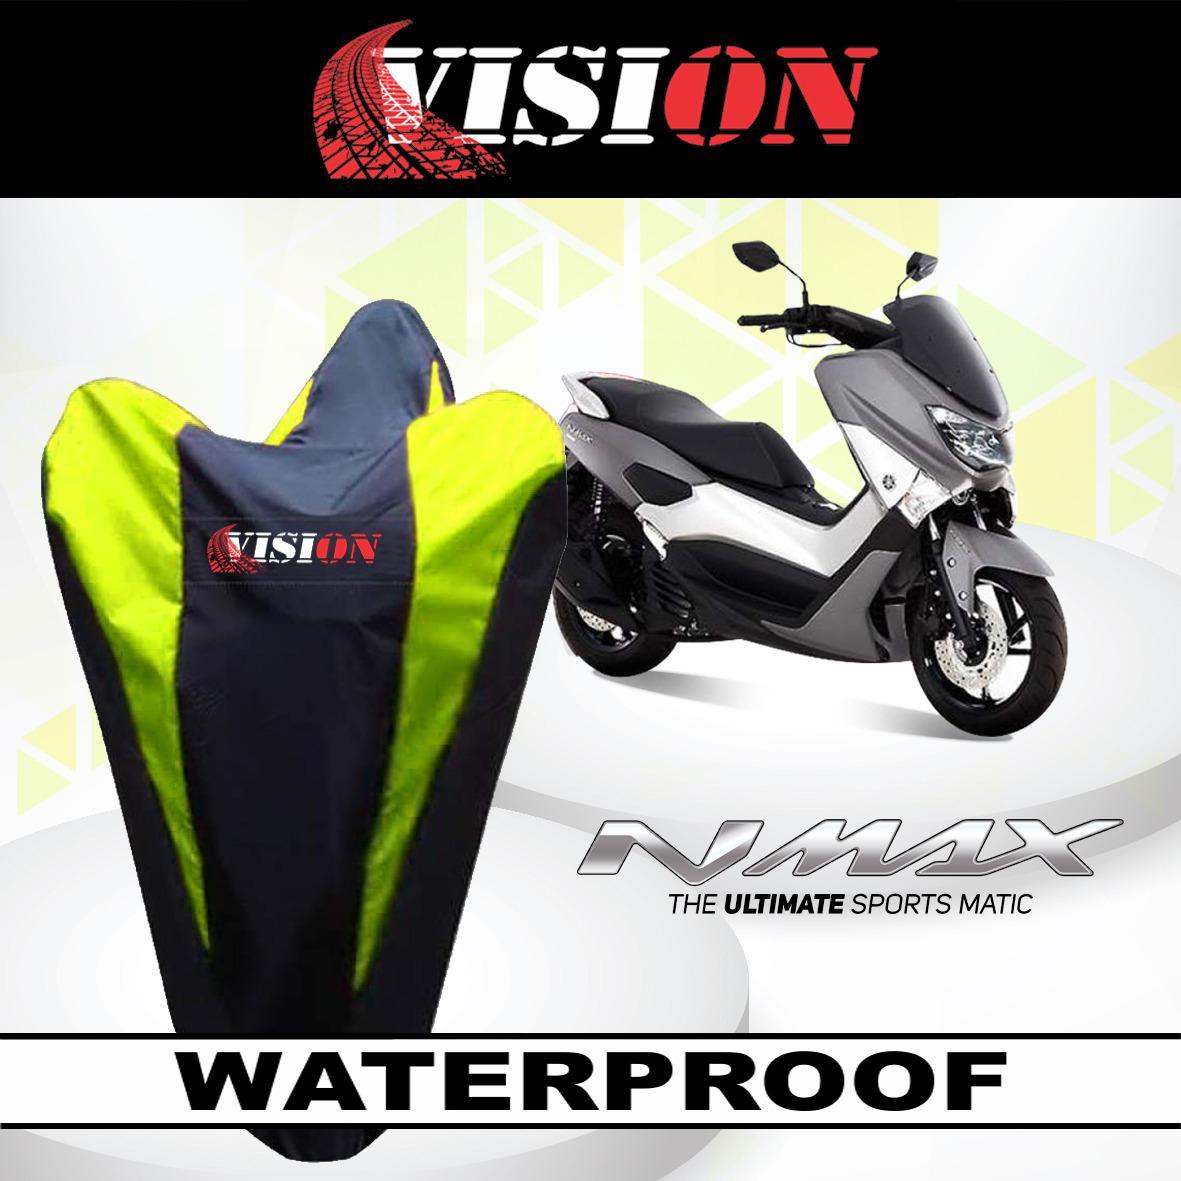 [ BAYAR DI TEMPAT ] LIST KUNING Sarung Bodi Motor Yamaha NMax Anti Air VISION Cover Body Waterproof Penutup Selimut Pelindung